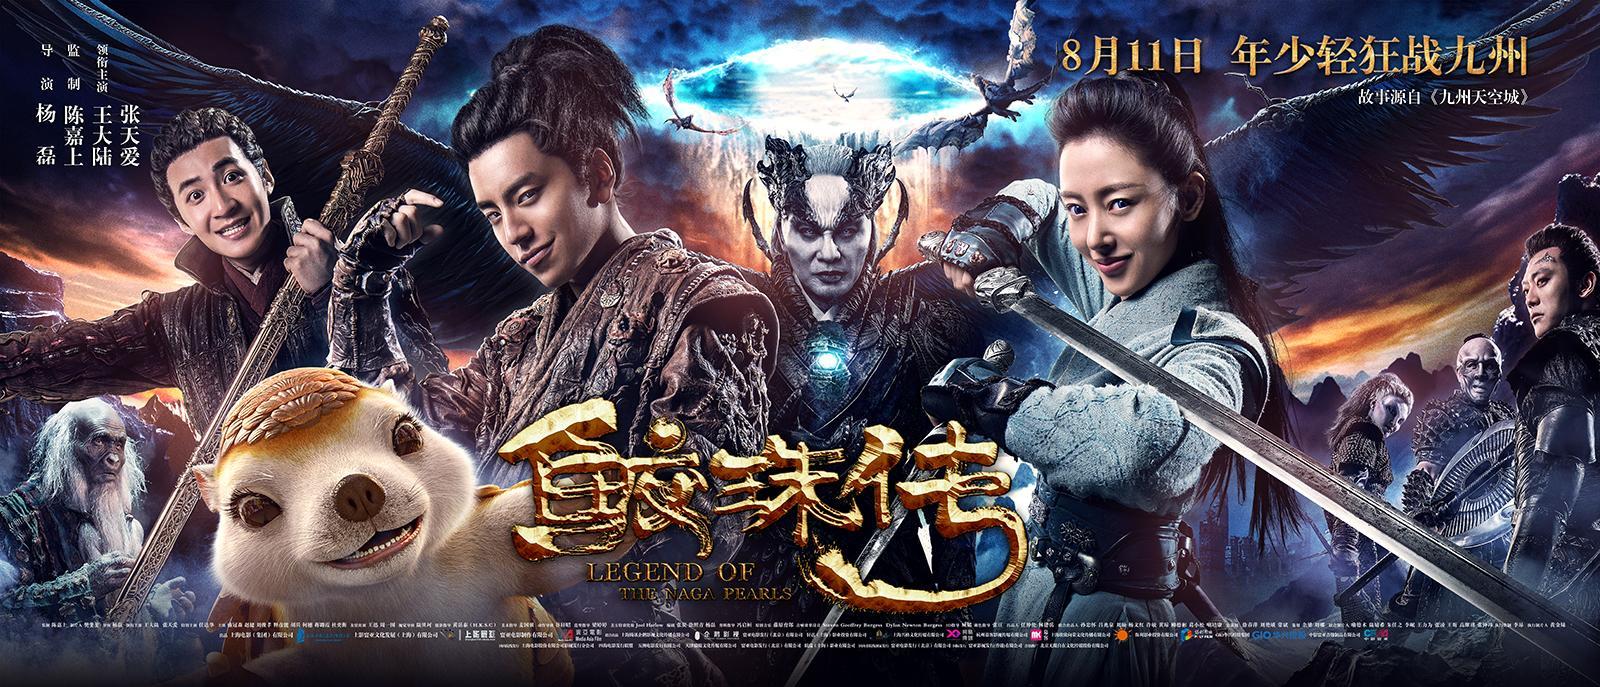 فيلم Legend of the Naga Pearls 2017 مترجم